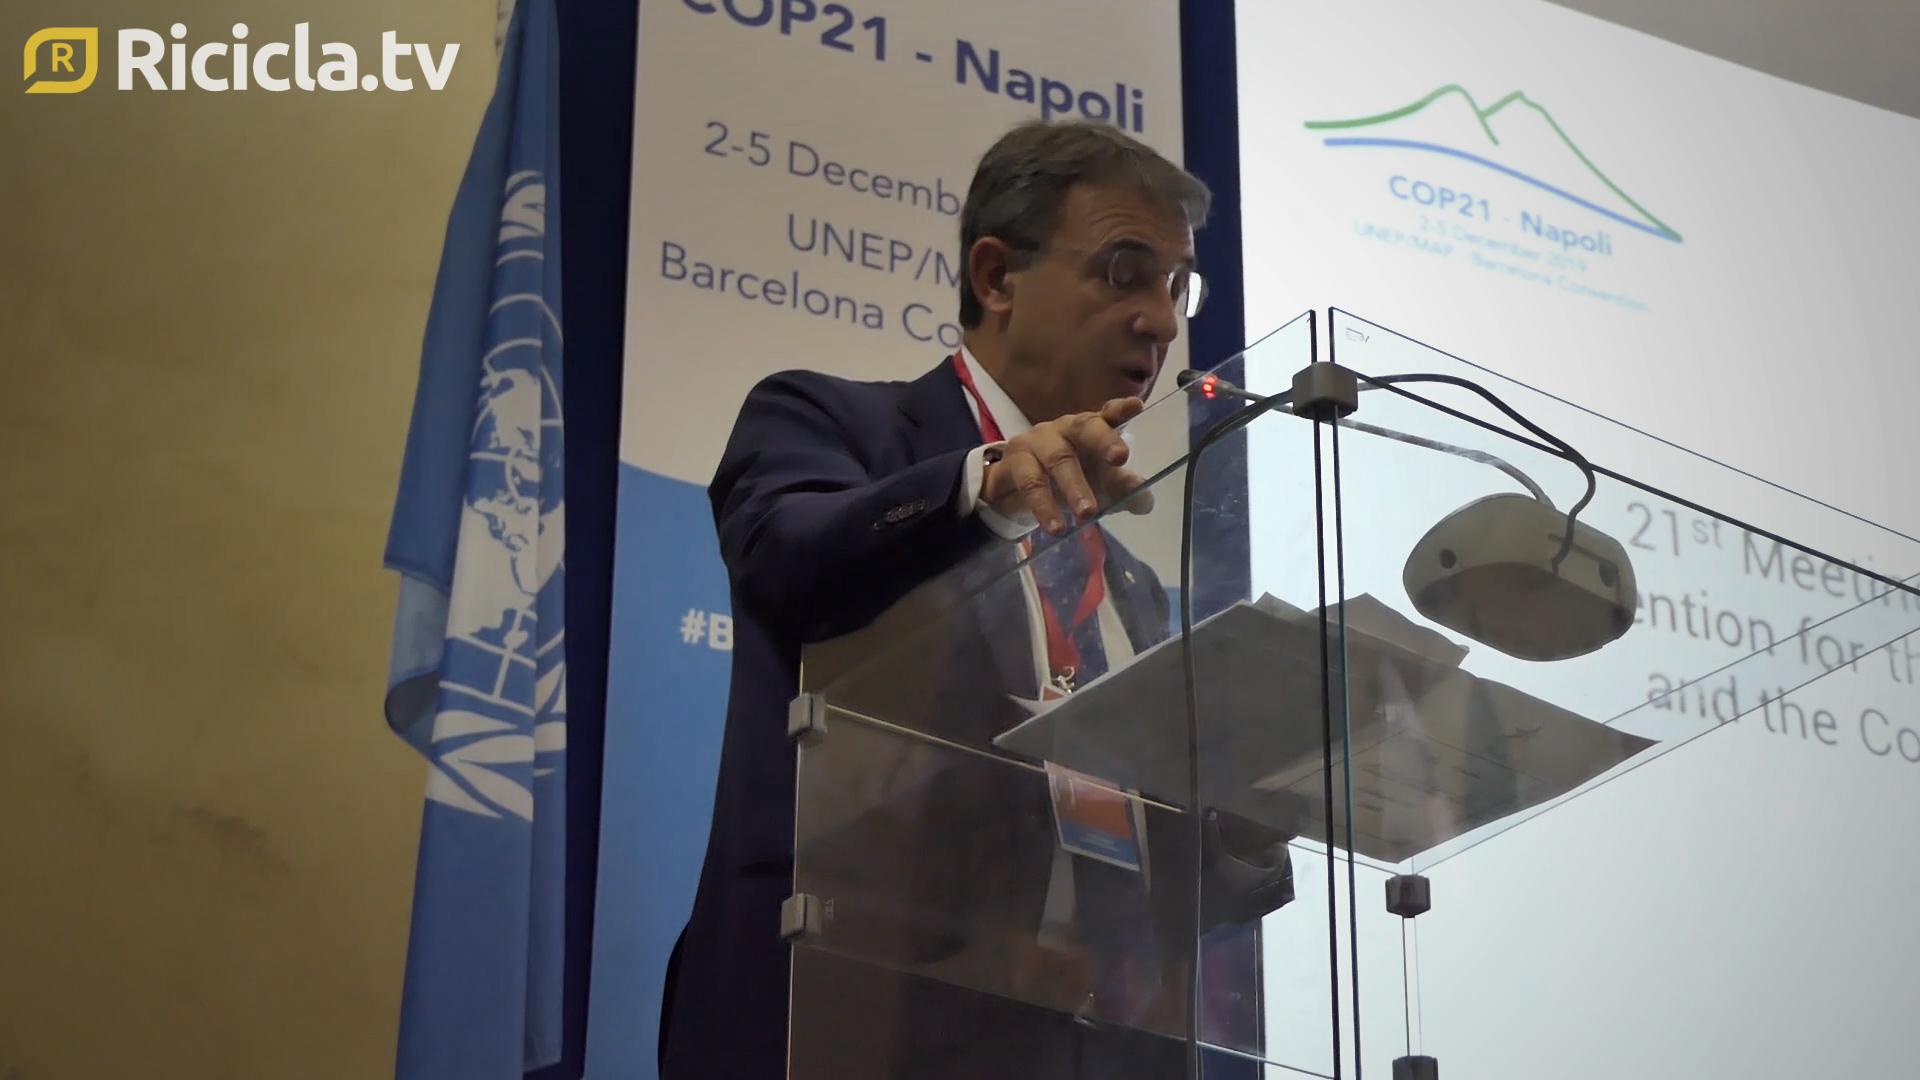 COP 21 DEL MEDITERRANEO, SIGLATA LA CARTA DI NAPOLI